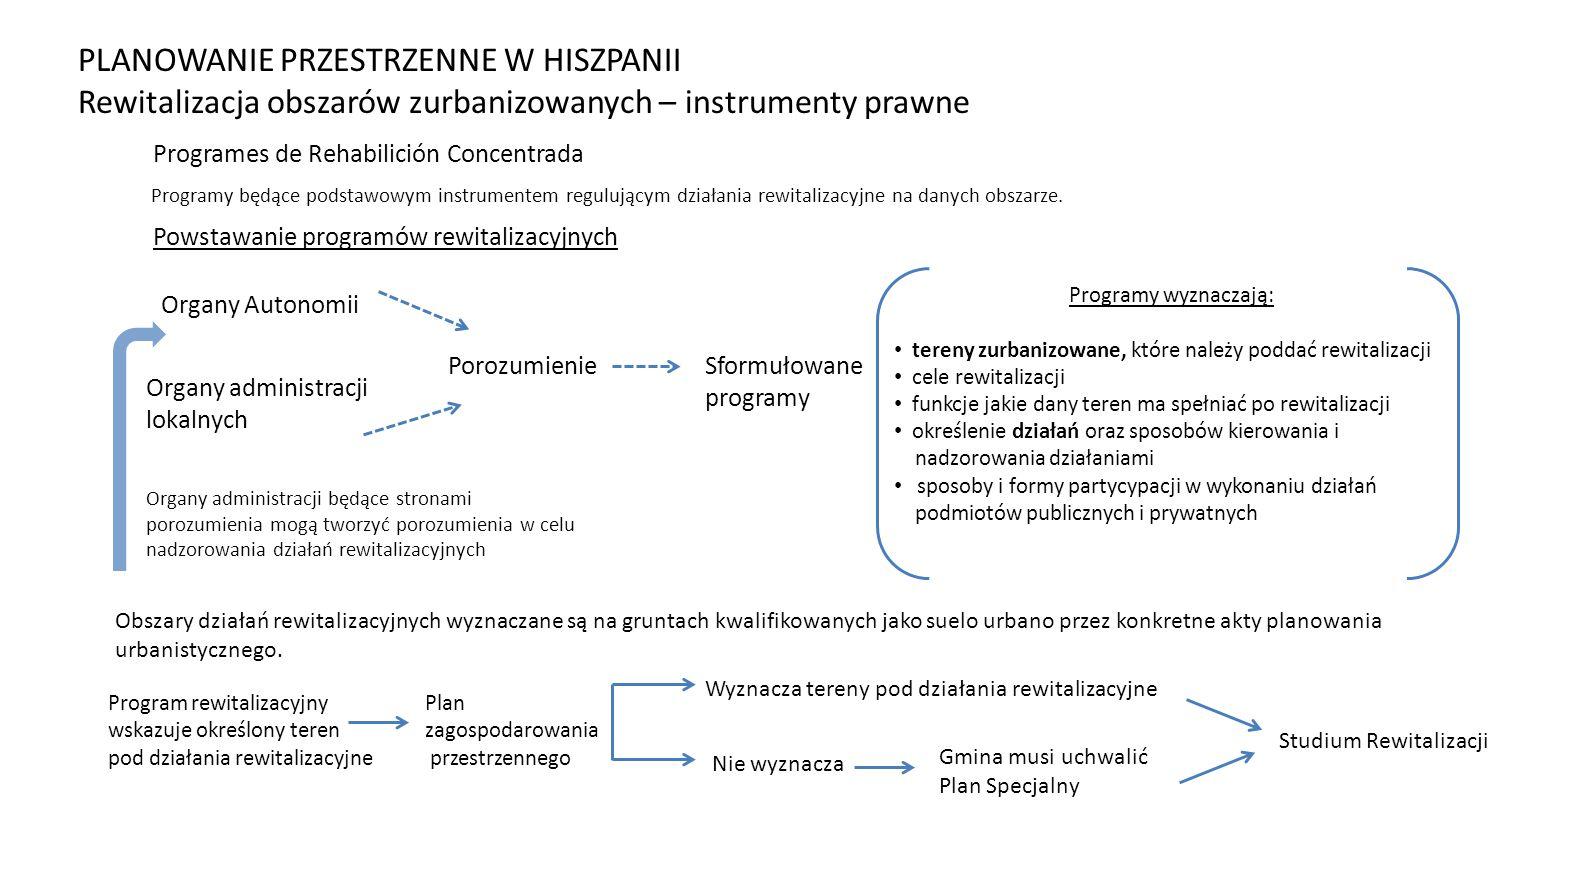 Programes de Rehabilición Concentrada Programy będące podstawowym instrumentem regulującym działania rewitalizacyjne na danych obszarze. Organy Autono